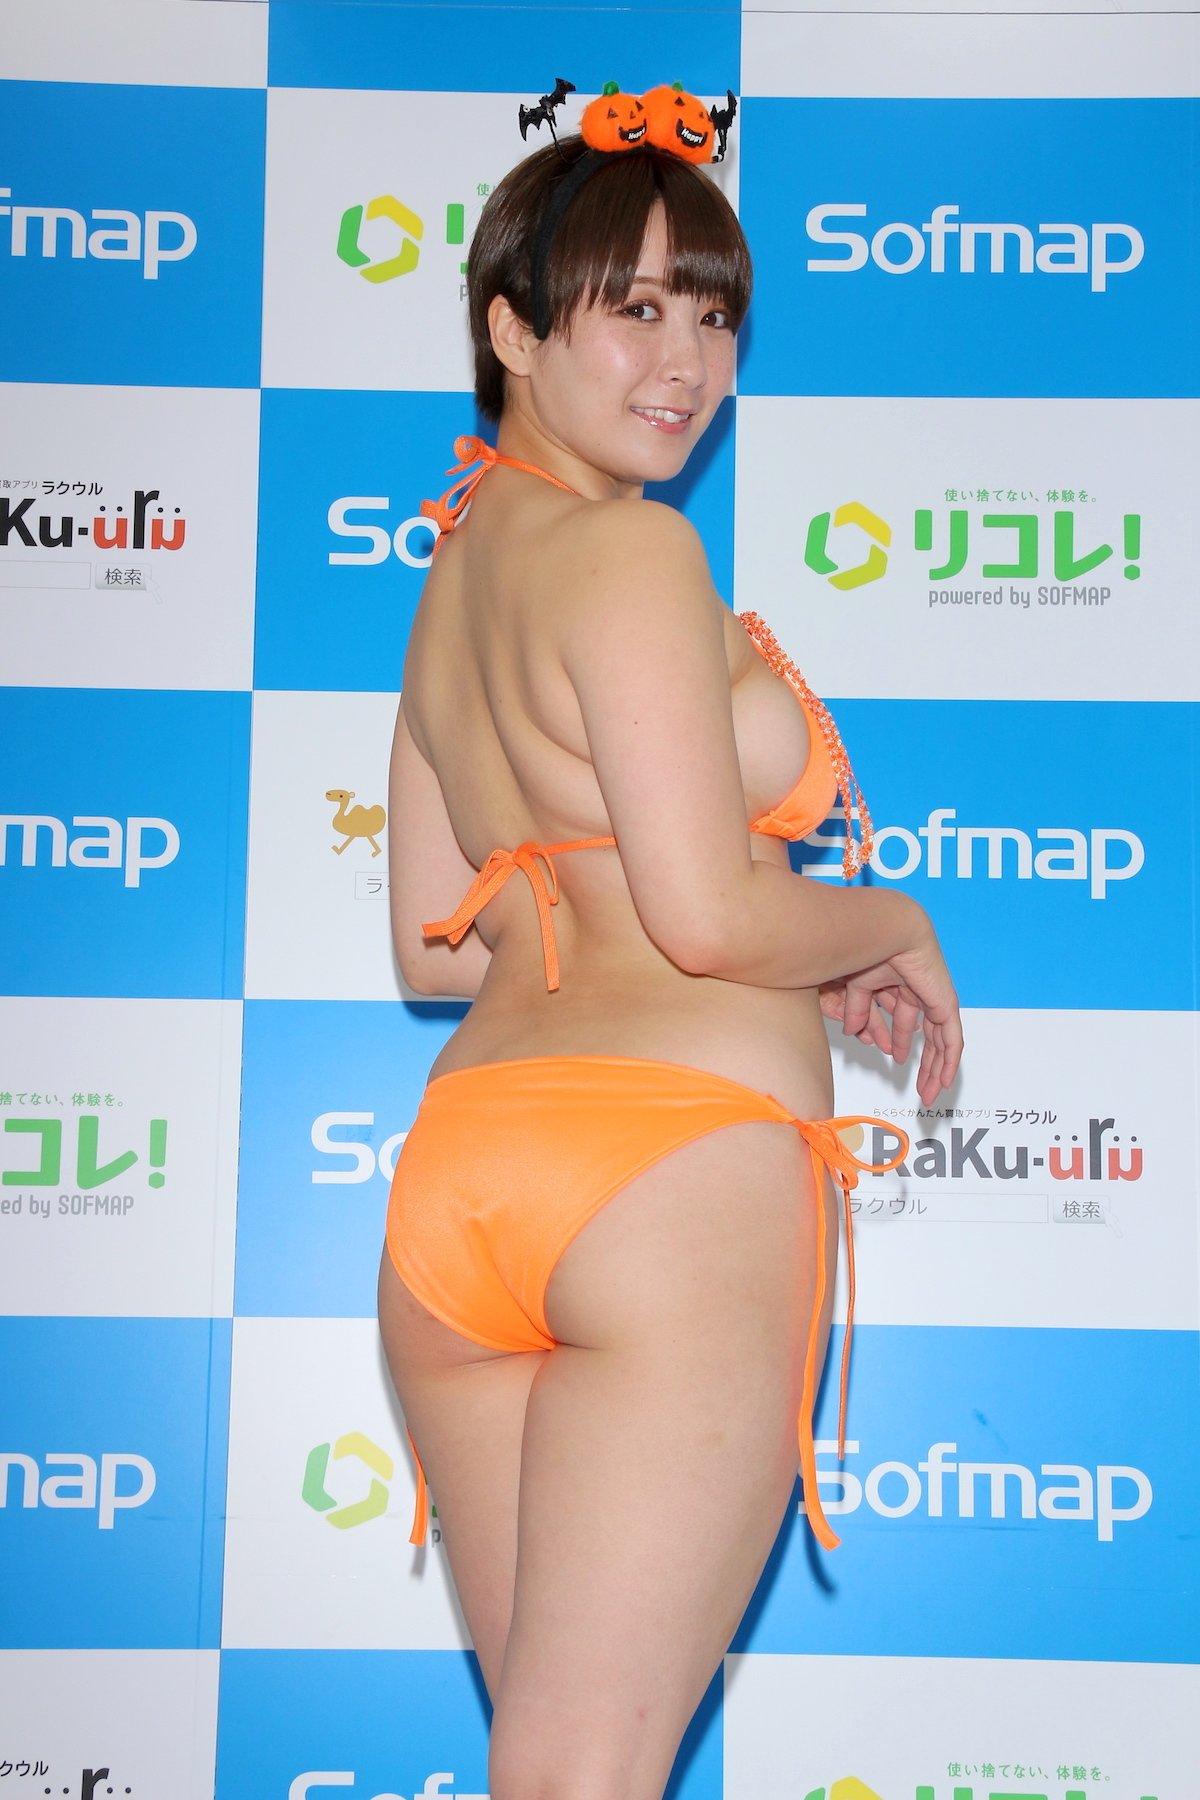 紺野栞「SM嬢に初挑戦」ムチを覚えて感動しました【画像49枚】の画像012